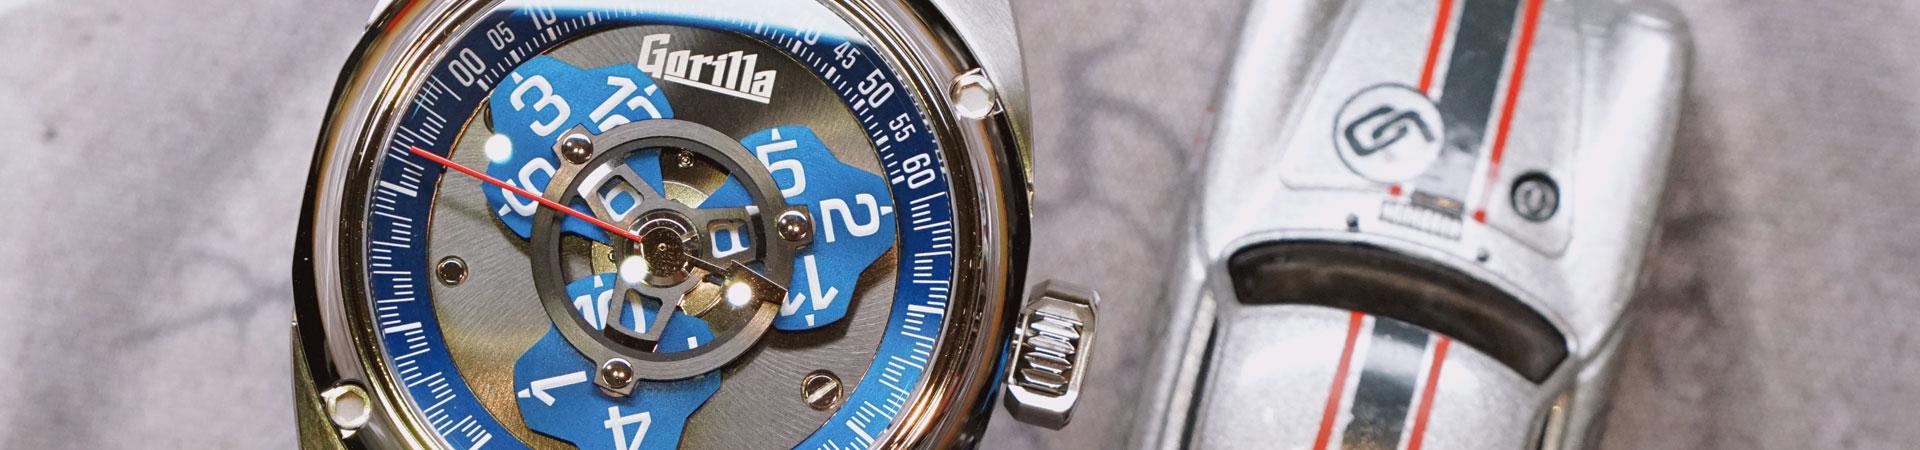 Gorilla Watches